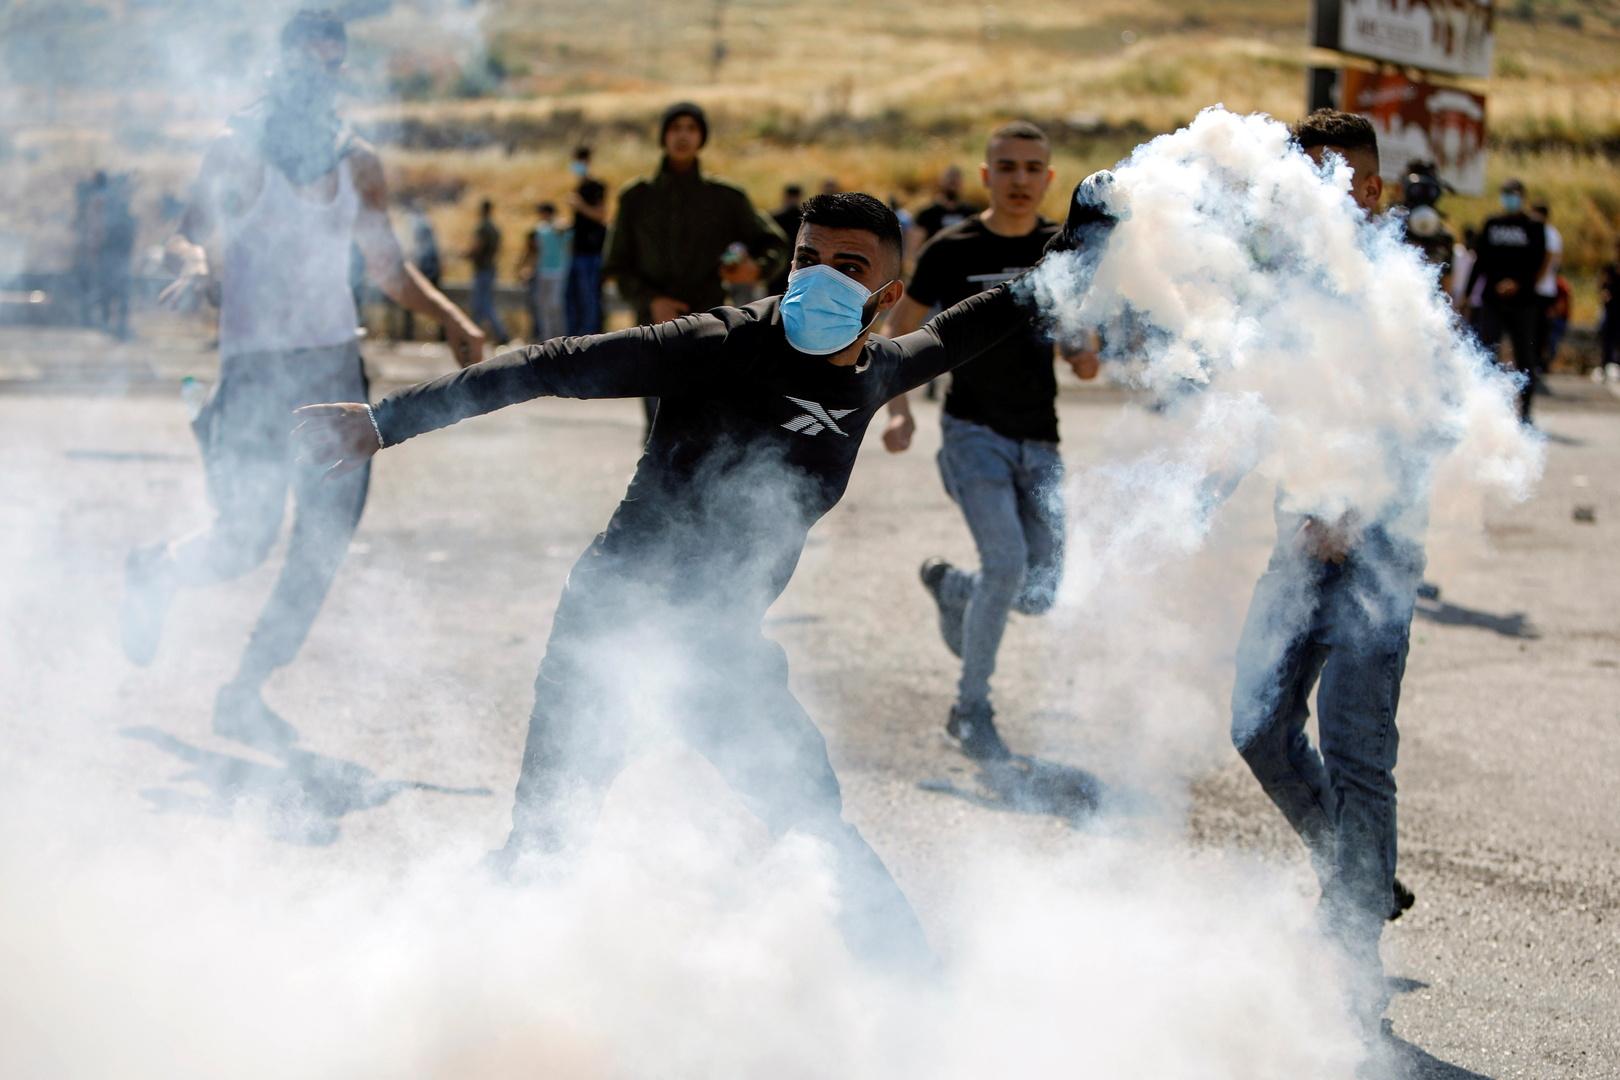 تطورات الحرب الفلسطينية الإسرائيلية في يومها السادس